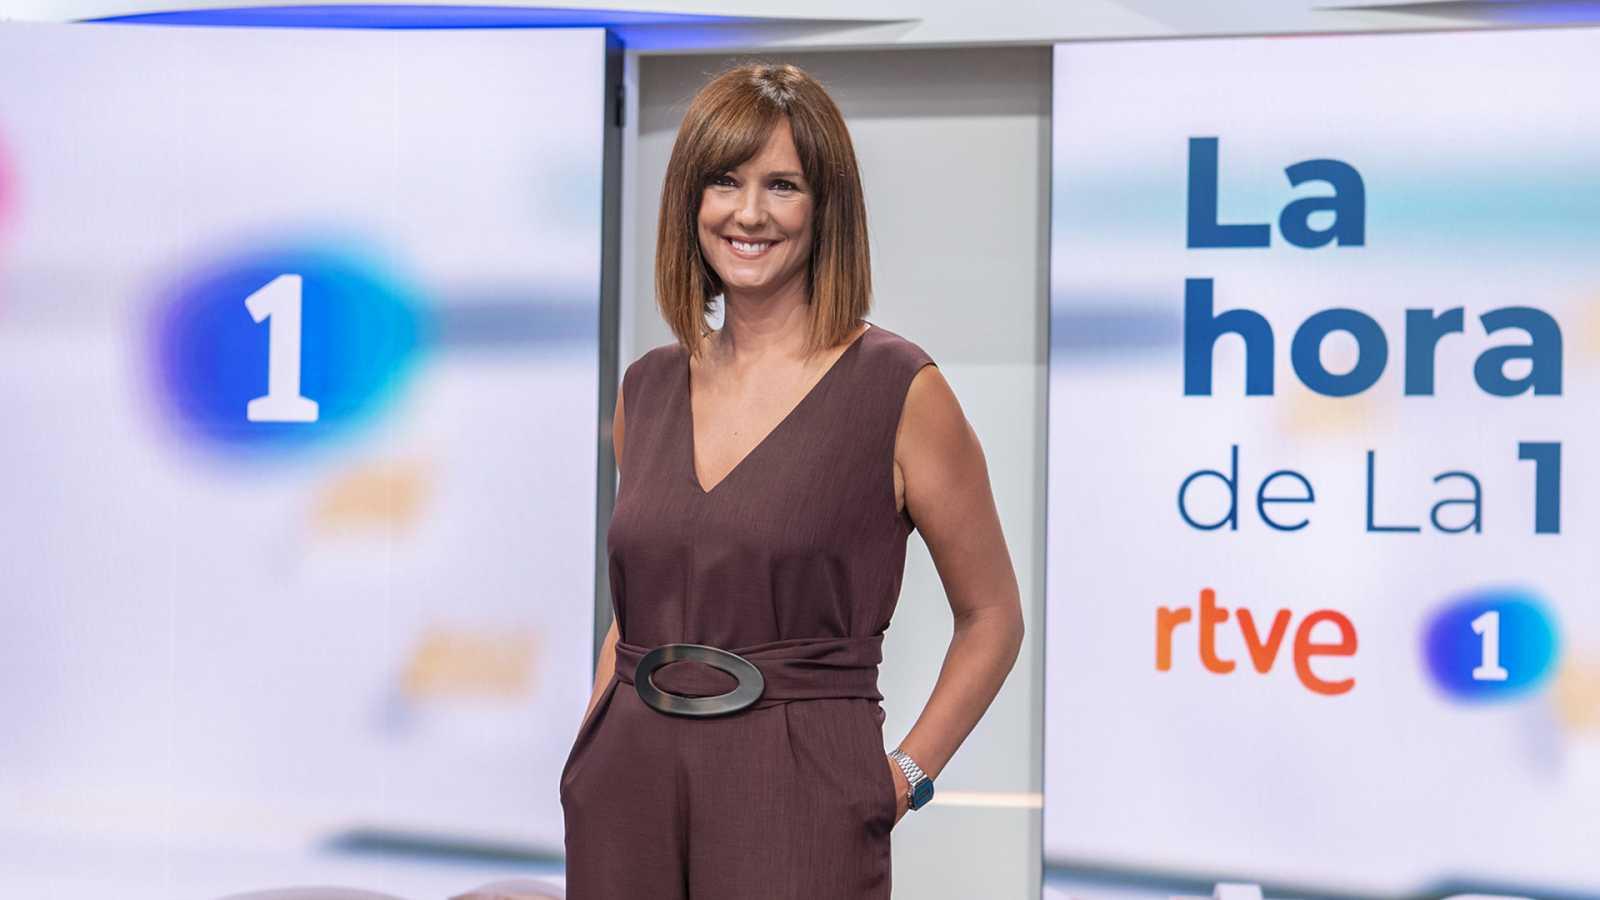 Mónica López, presentadora de La Hora de La 1